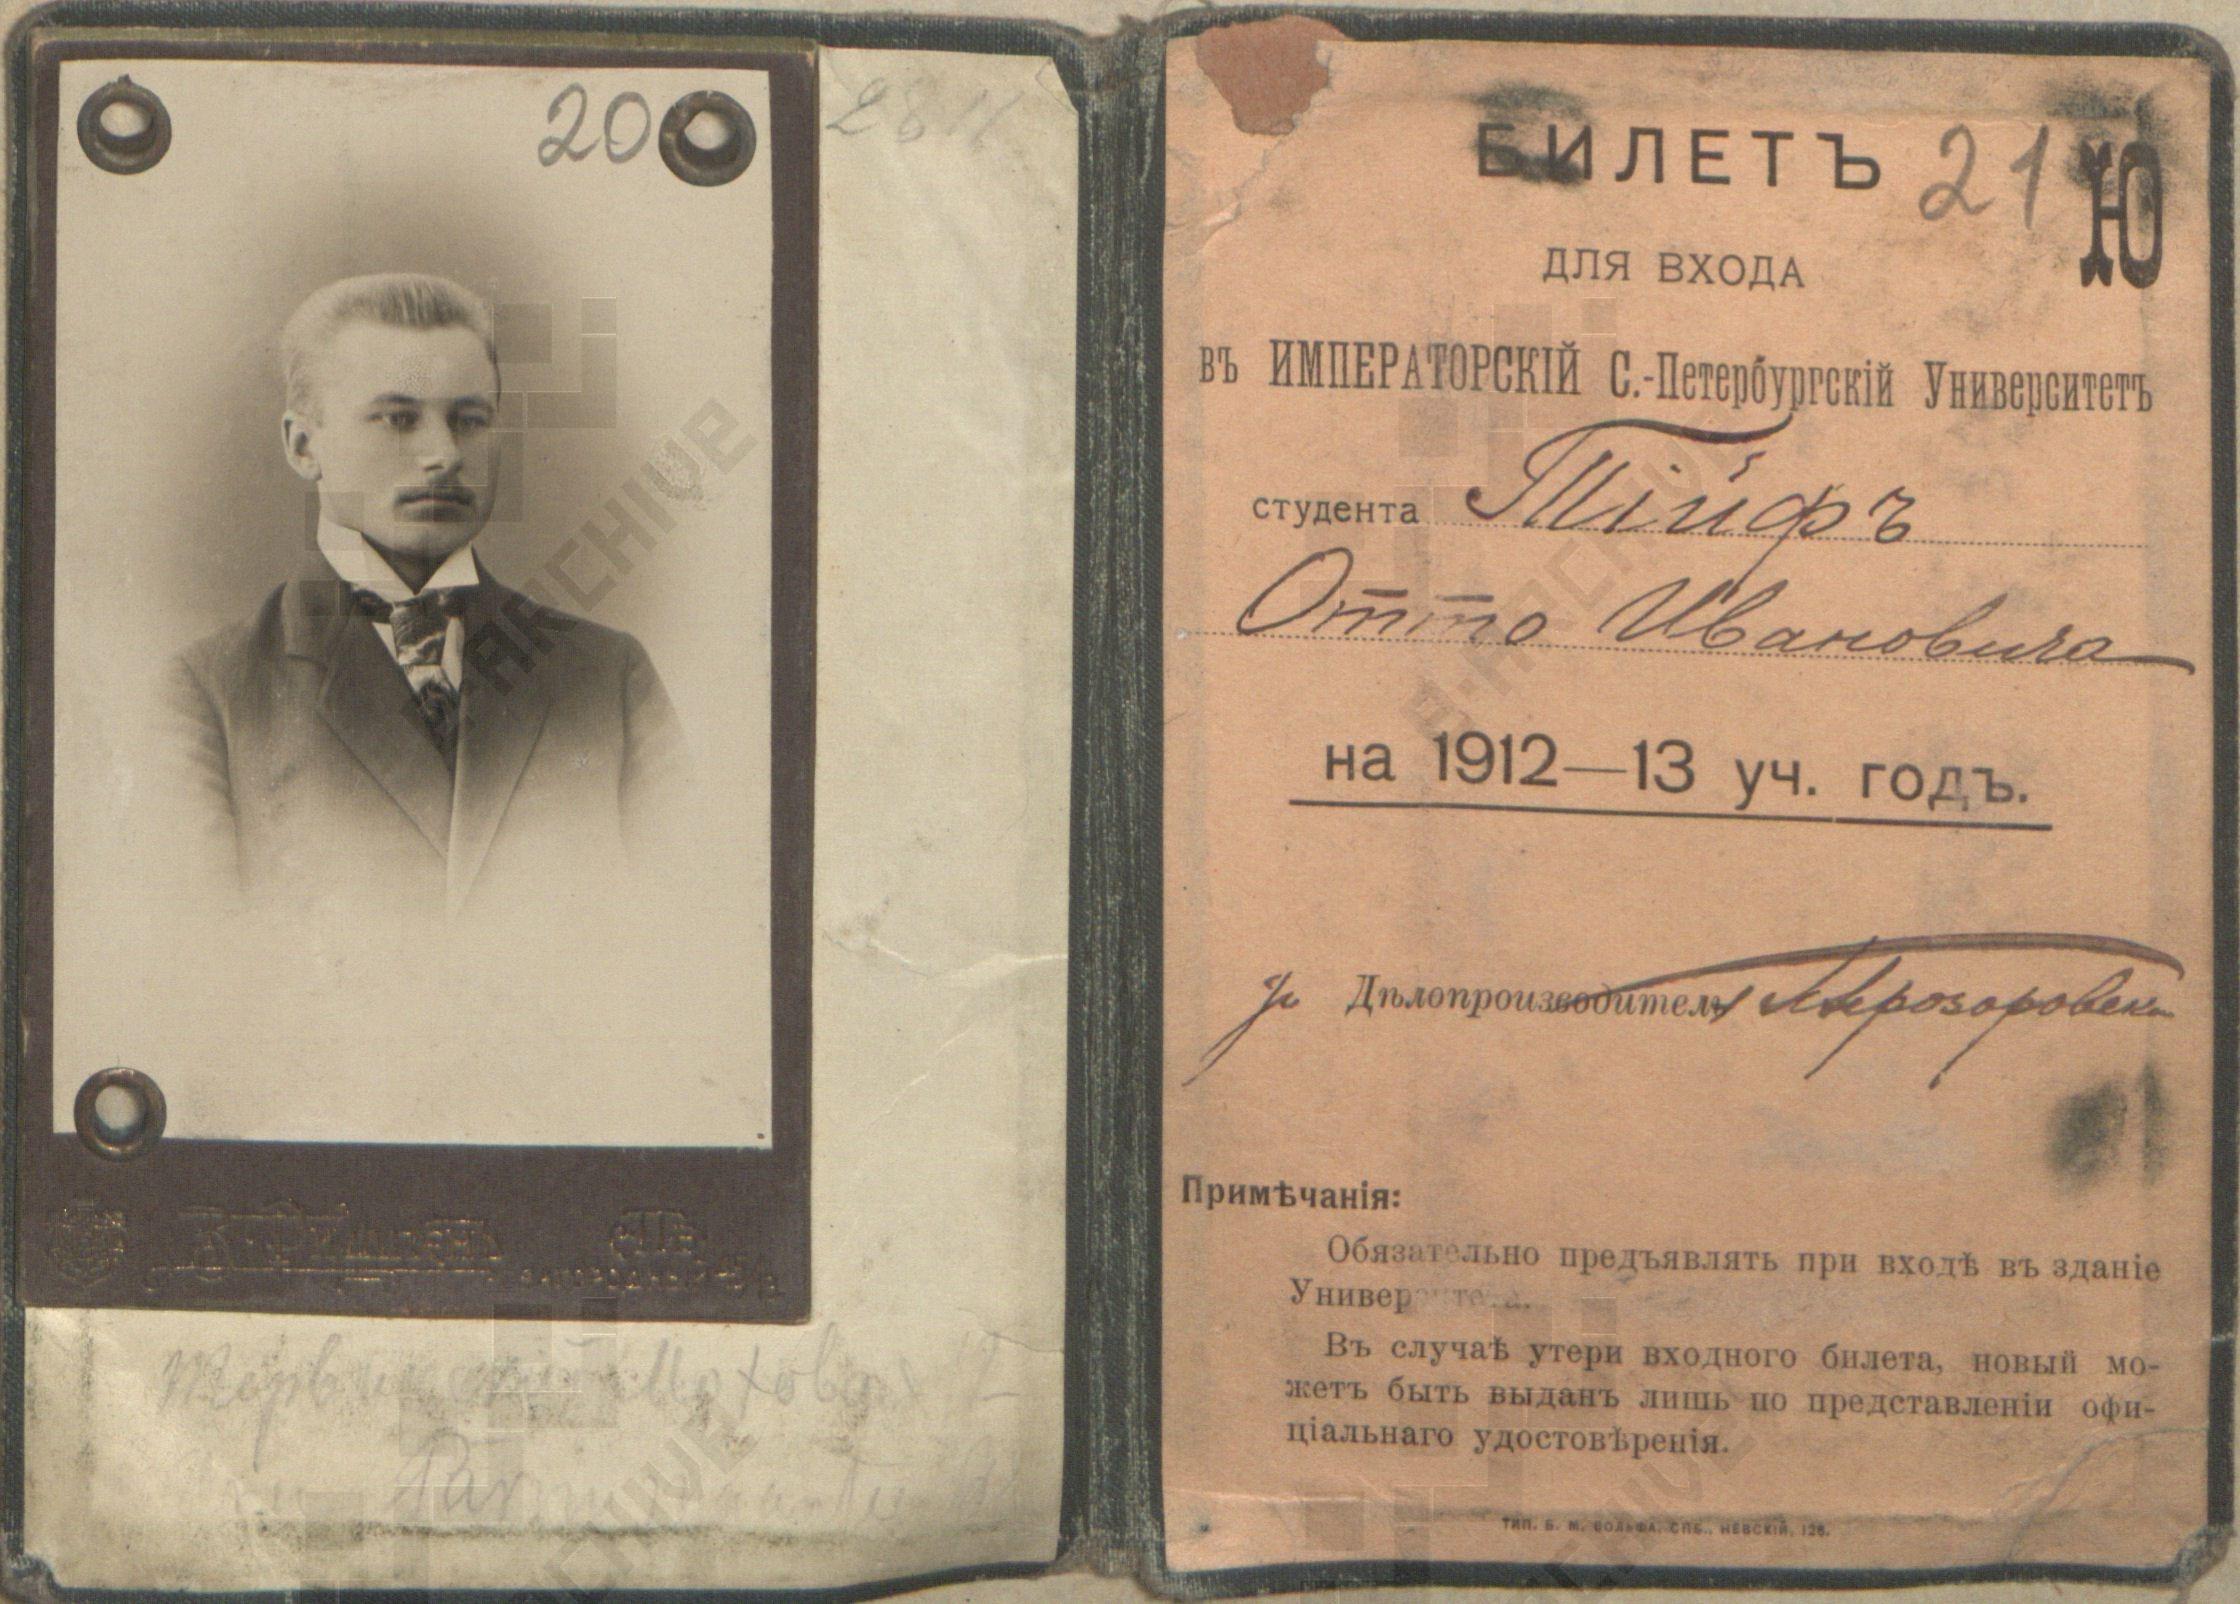 Otto Tiefi üliõpilaspilet 1912/1913. õppeaastaks. Fotoga pilet andis õiguse pääseda Peterburi ülikooli õppehoonetesse. TsGIASpb.14.3.57649, l. 21